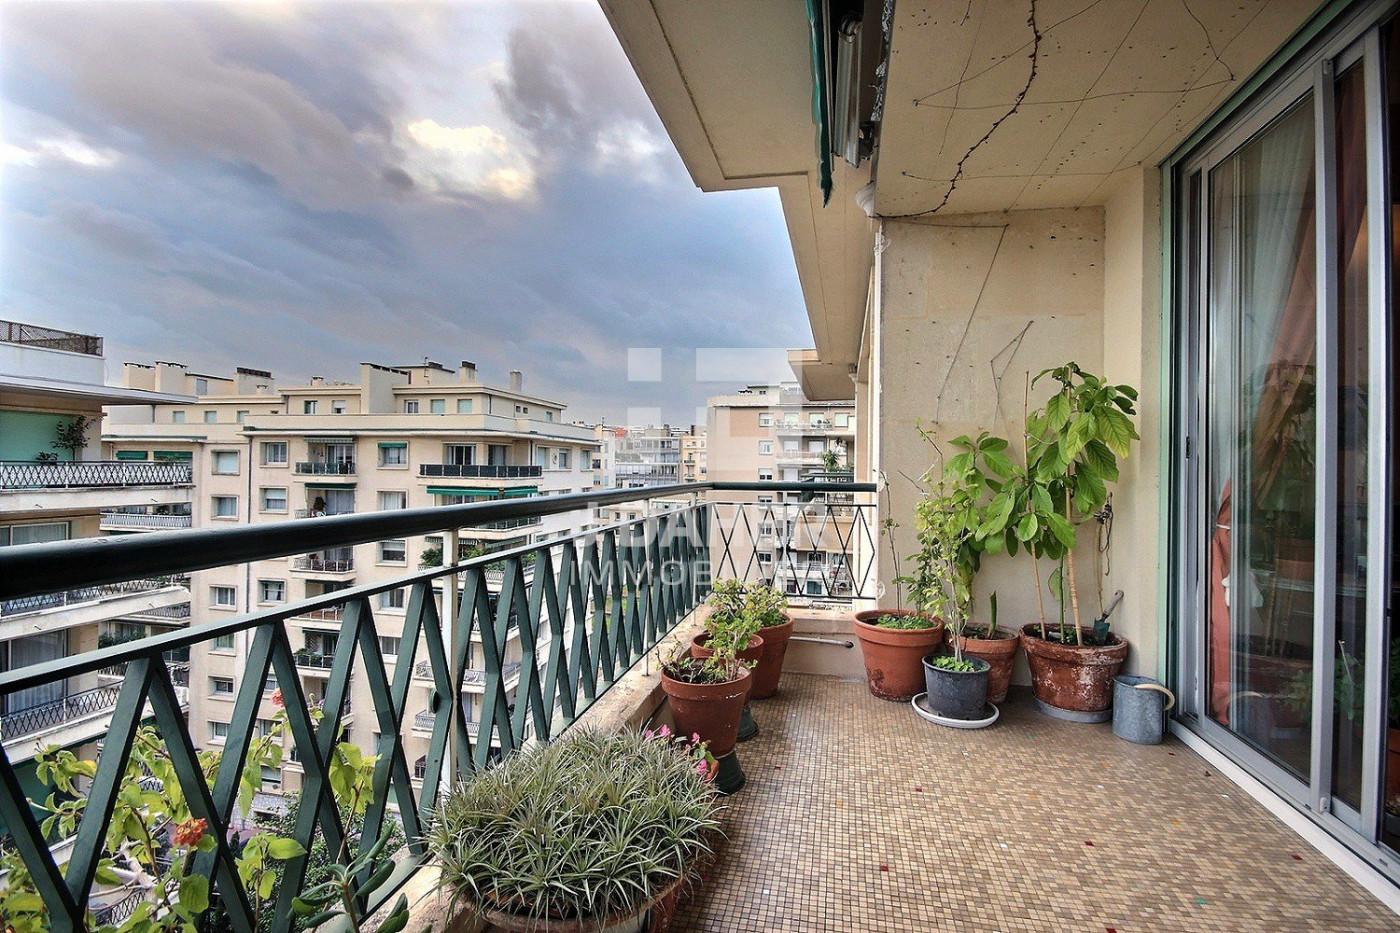 A vendre Marseille 8eme Arrondissement 13025877 J daher immobilier